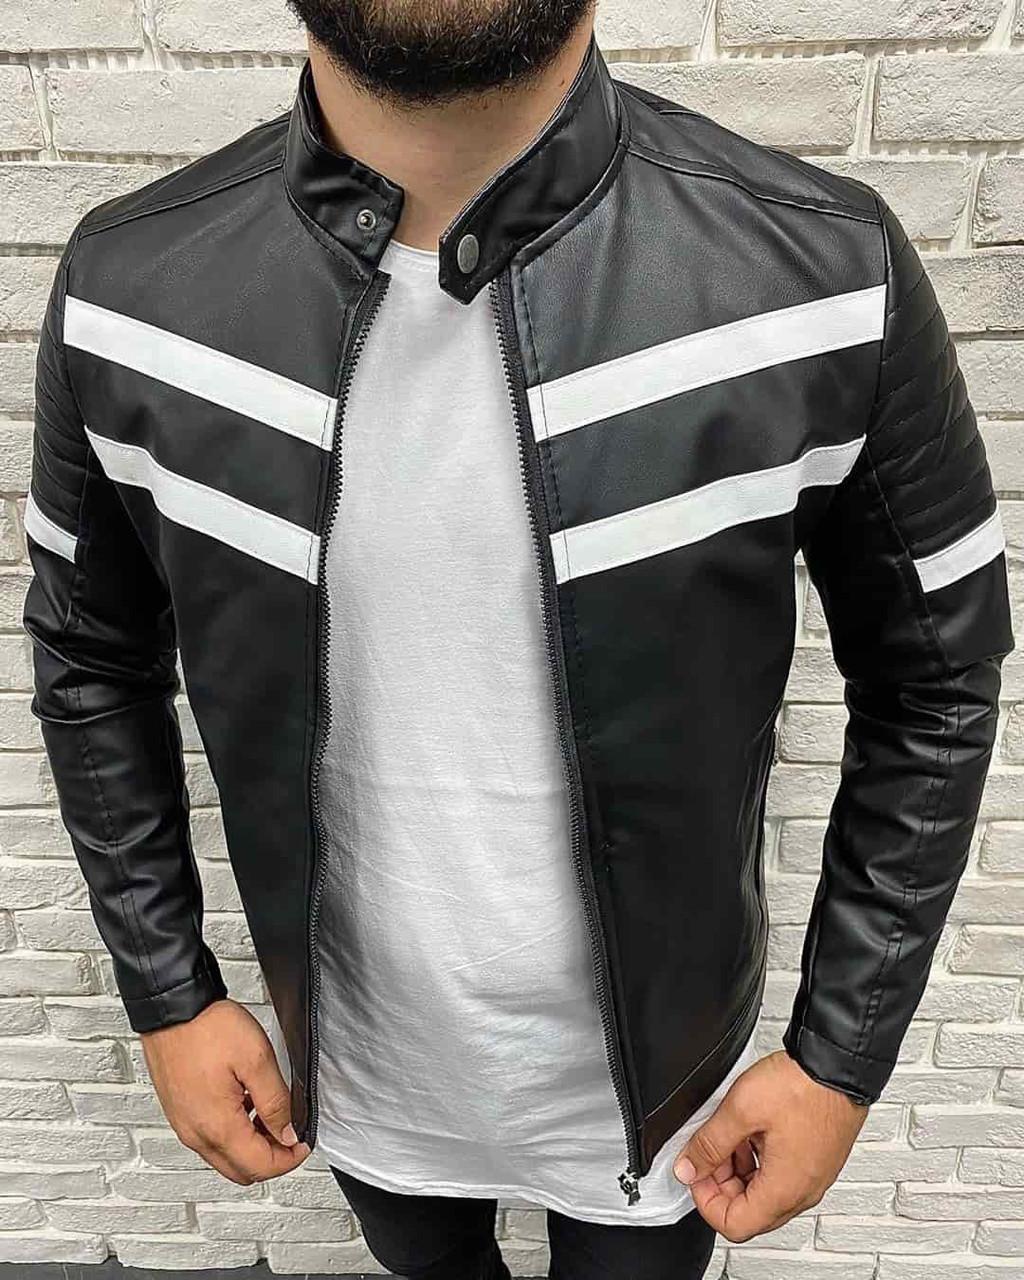 Мужская черная с белыми полосками кожаная куртка косуха, Турция